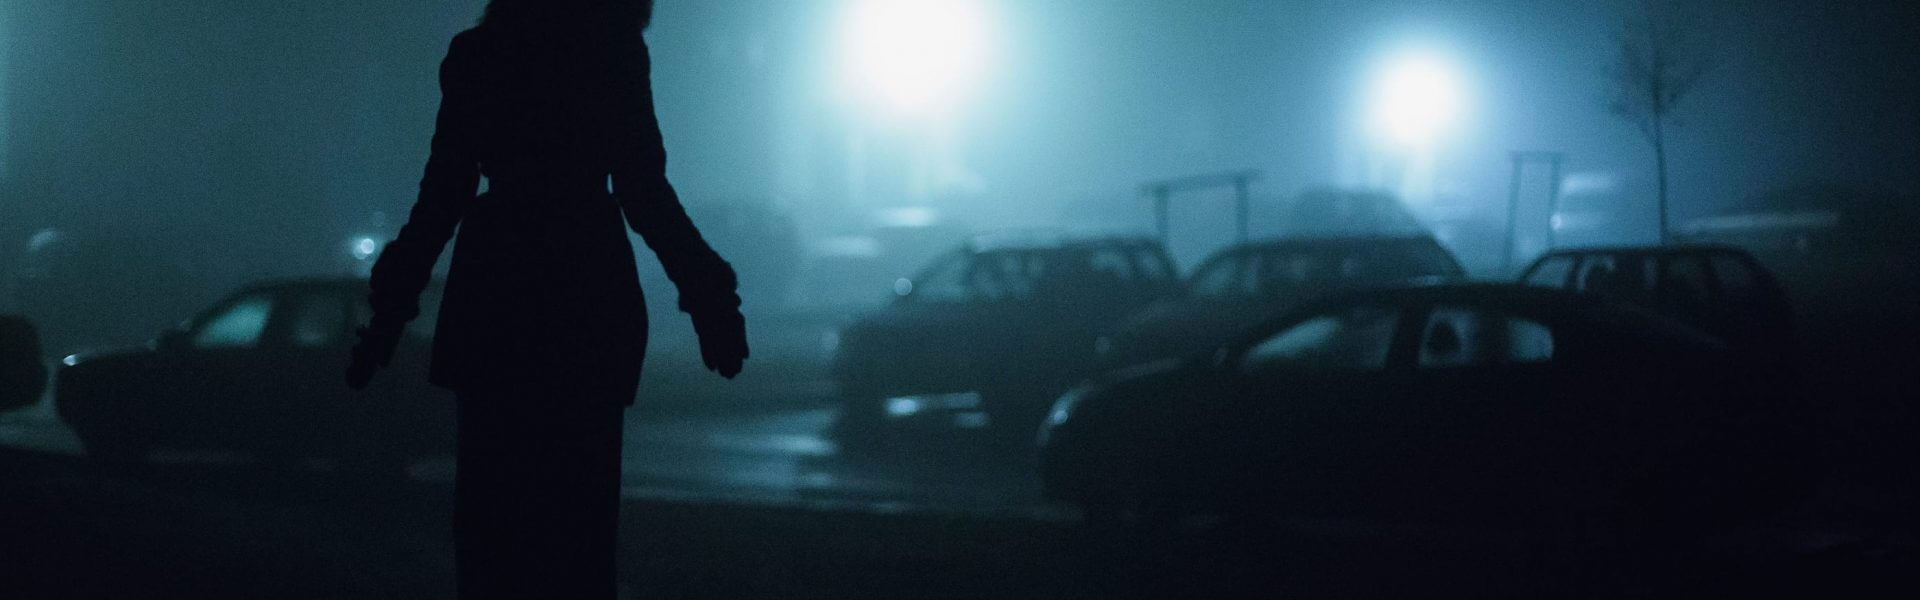 צללית אישה וברקע רחוב חשוך. קרדיט תמונה ראשית: Bigstock